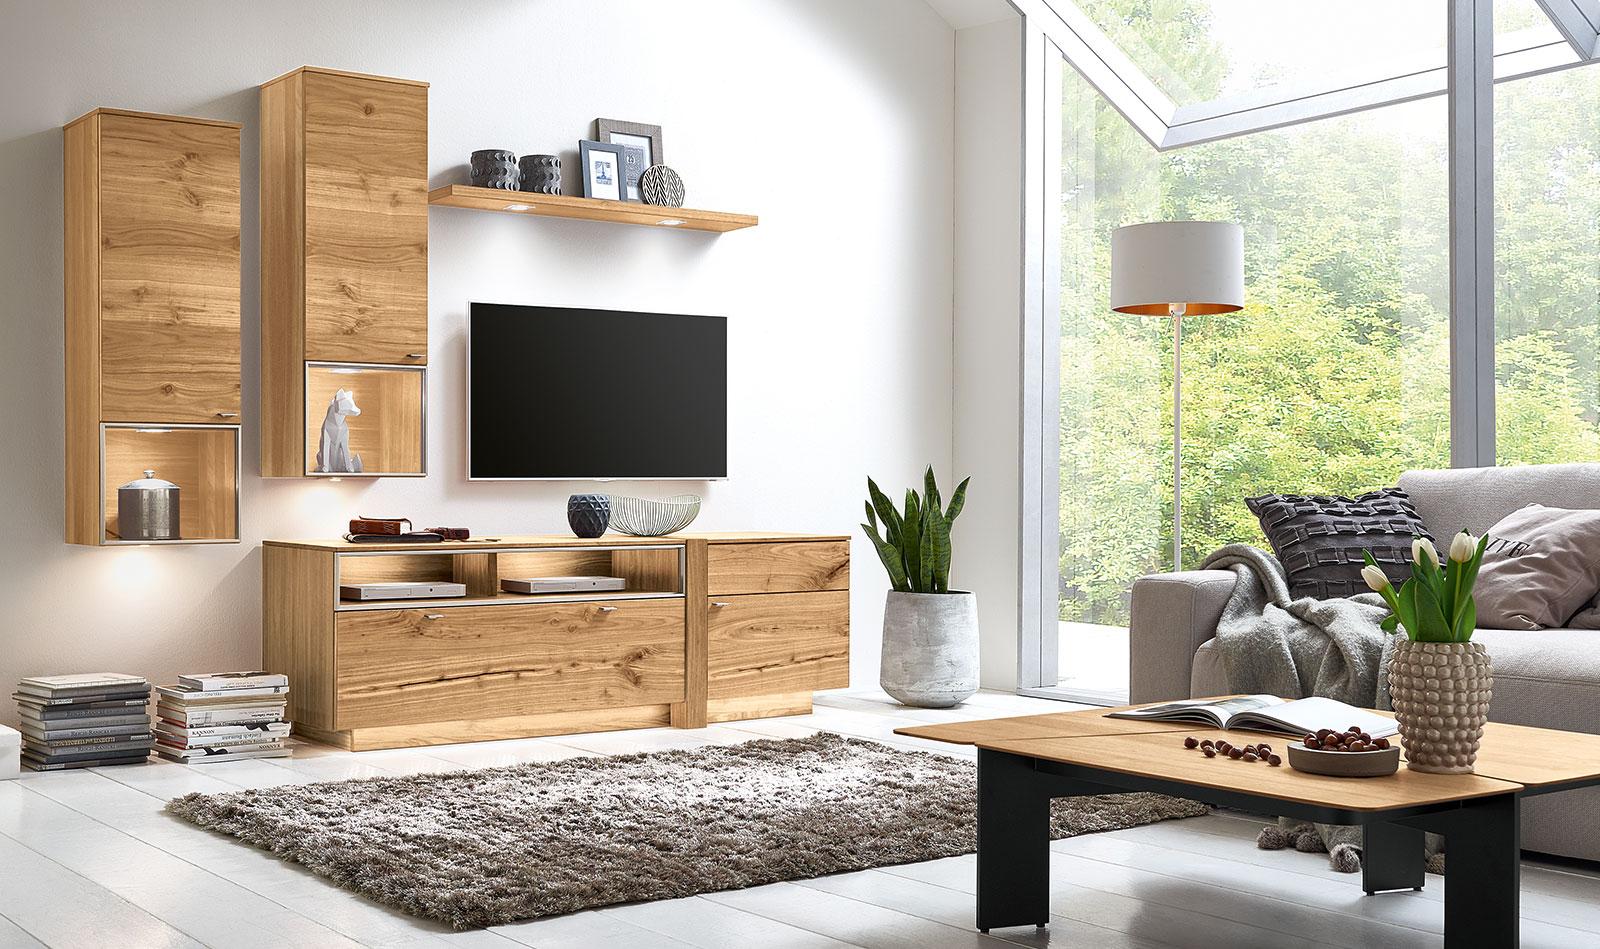 Wohnzimmer - Programme - albero - Venjakob Möbel - Vorsprung durch